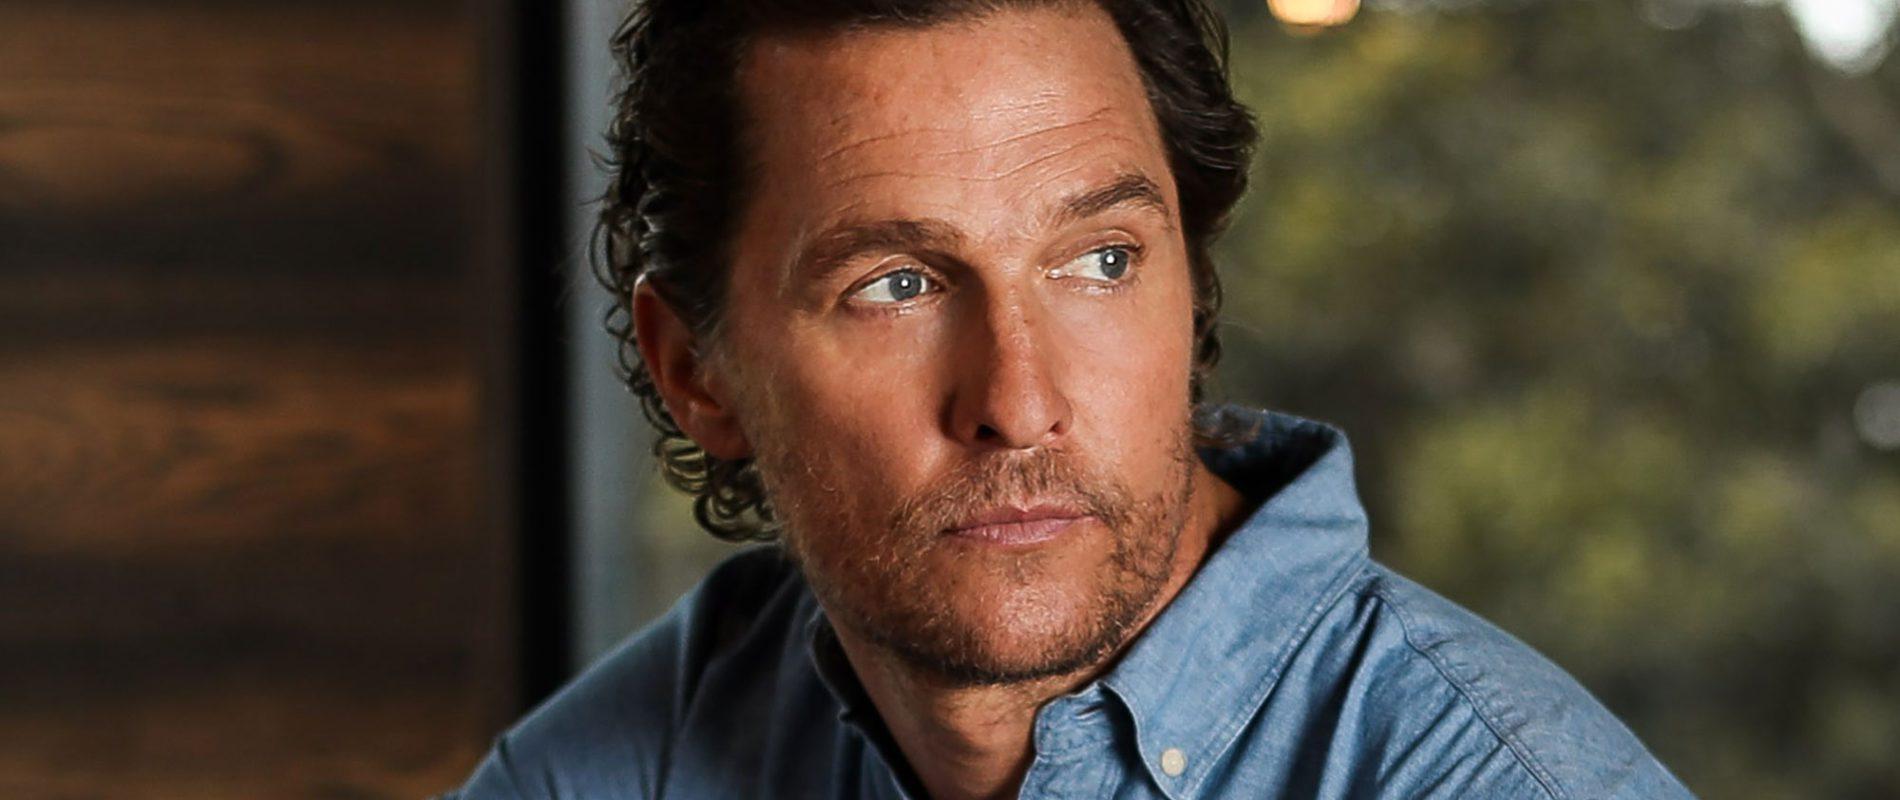 Matthew McConaughey fue víctima de abuso sexual: Estaba inconsciente en una camioneta